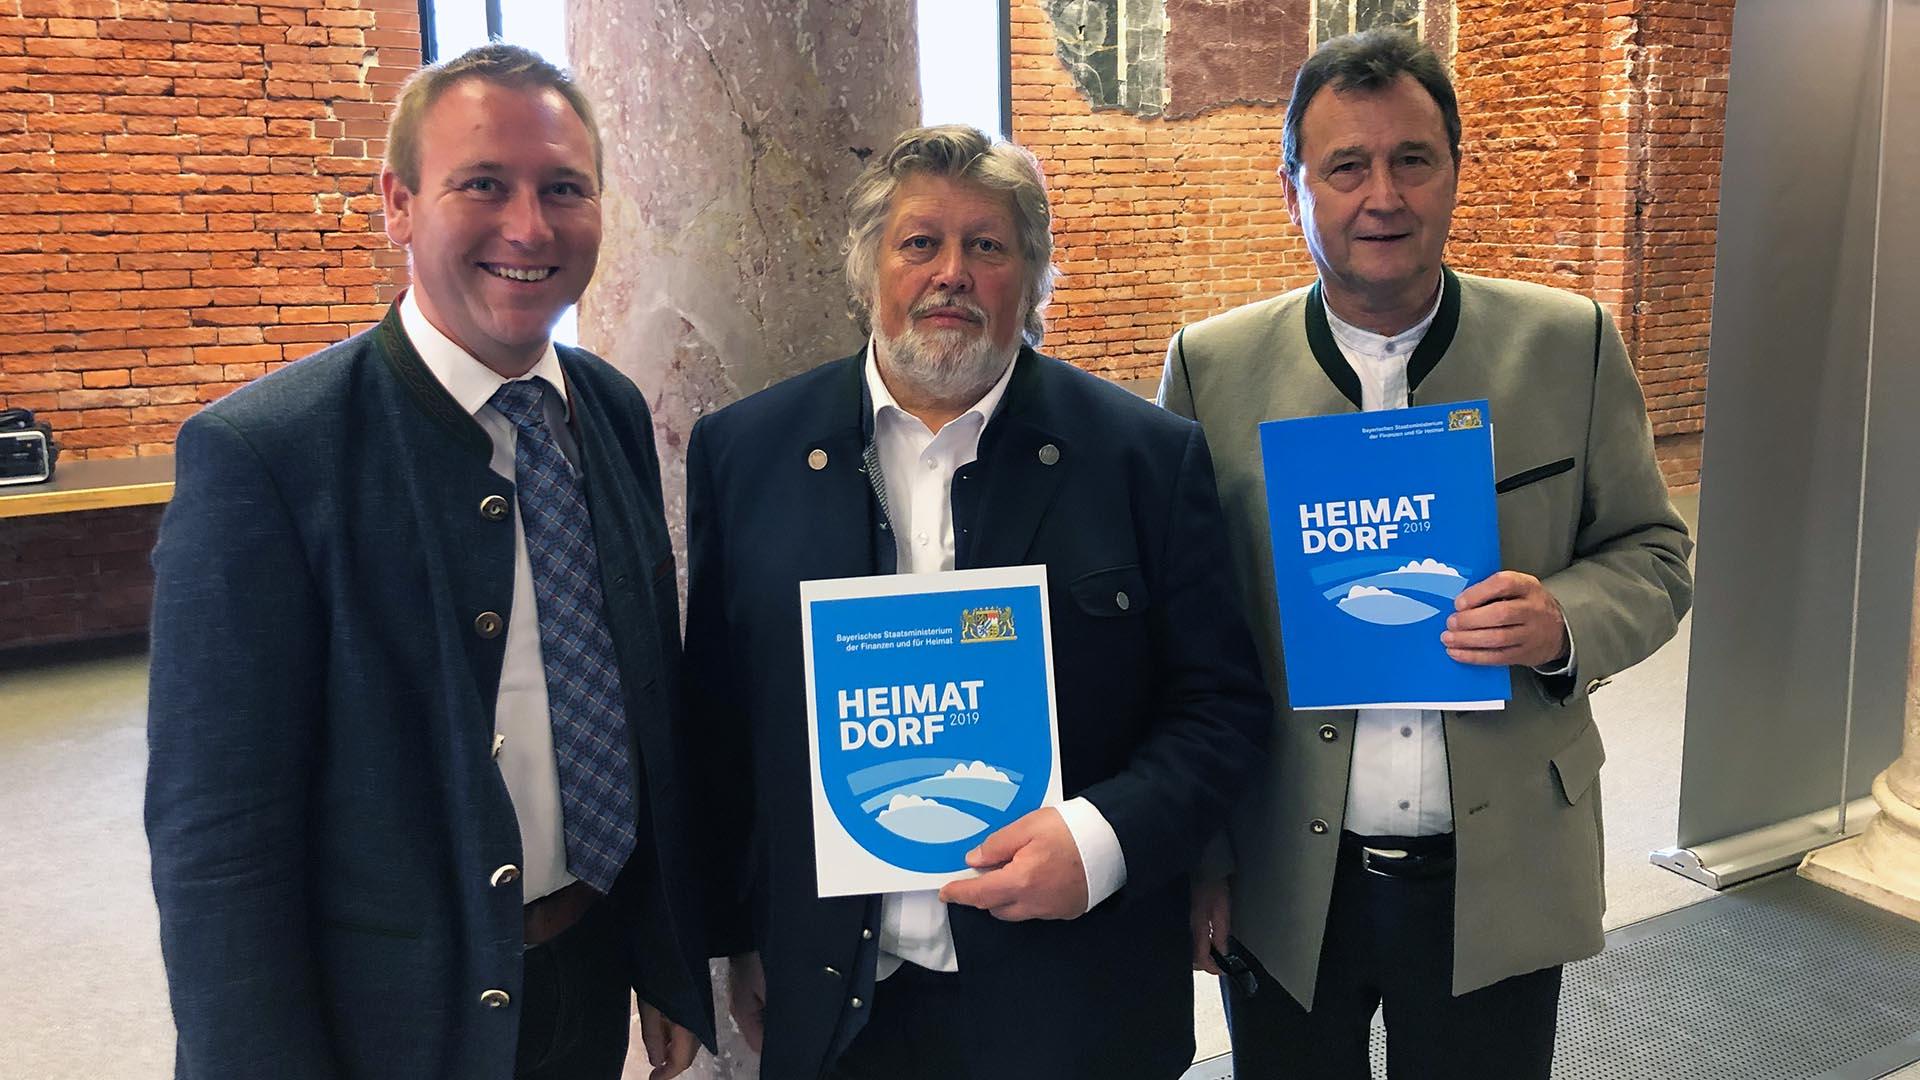 v.l.n.r.:Benjamin Miskowitsch (Landtagsabgeordneter), Michael Raith (1. Bürgermeister Adelshofen), Johann Siebenhütter (2. Bürgermeister Adelshofen)